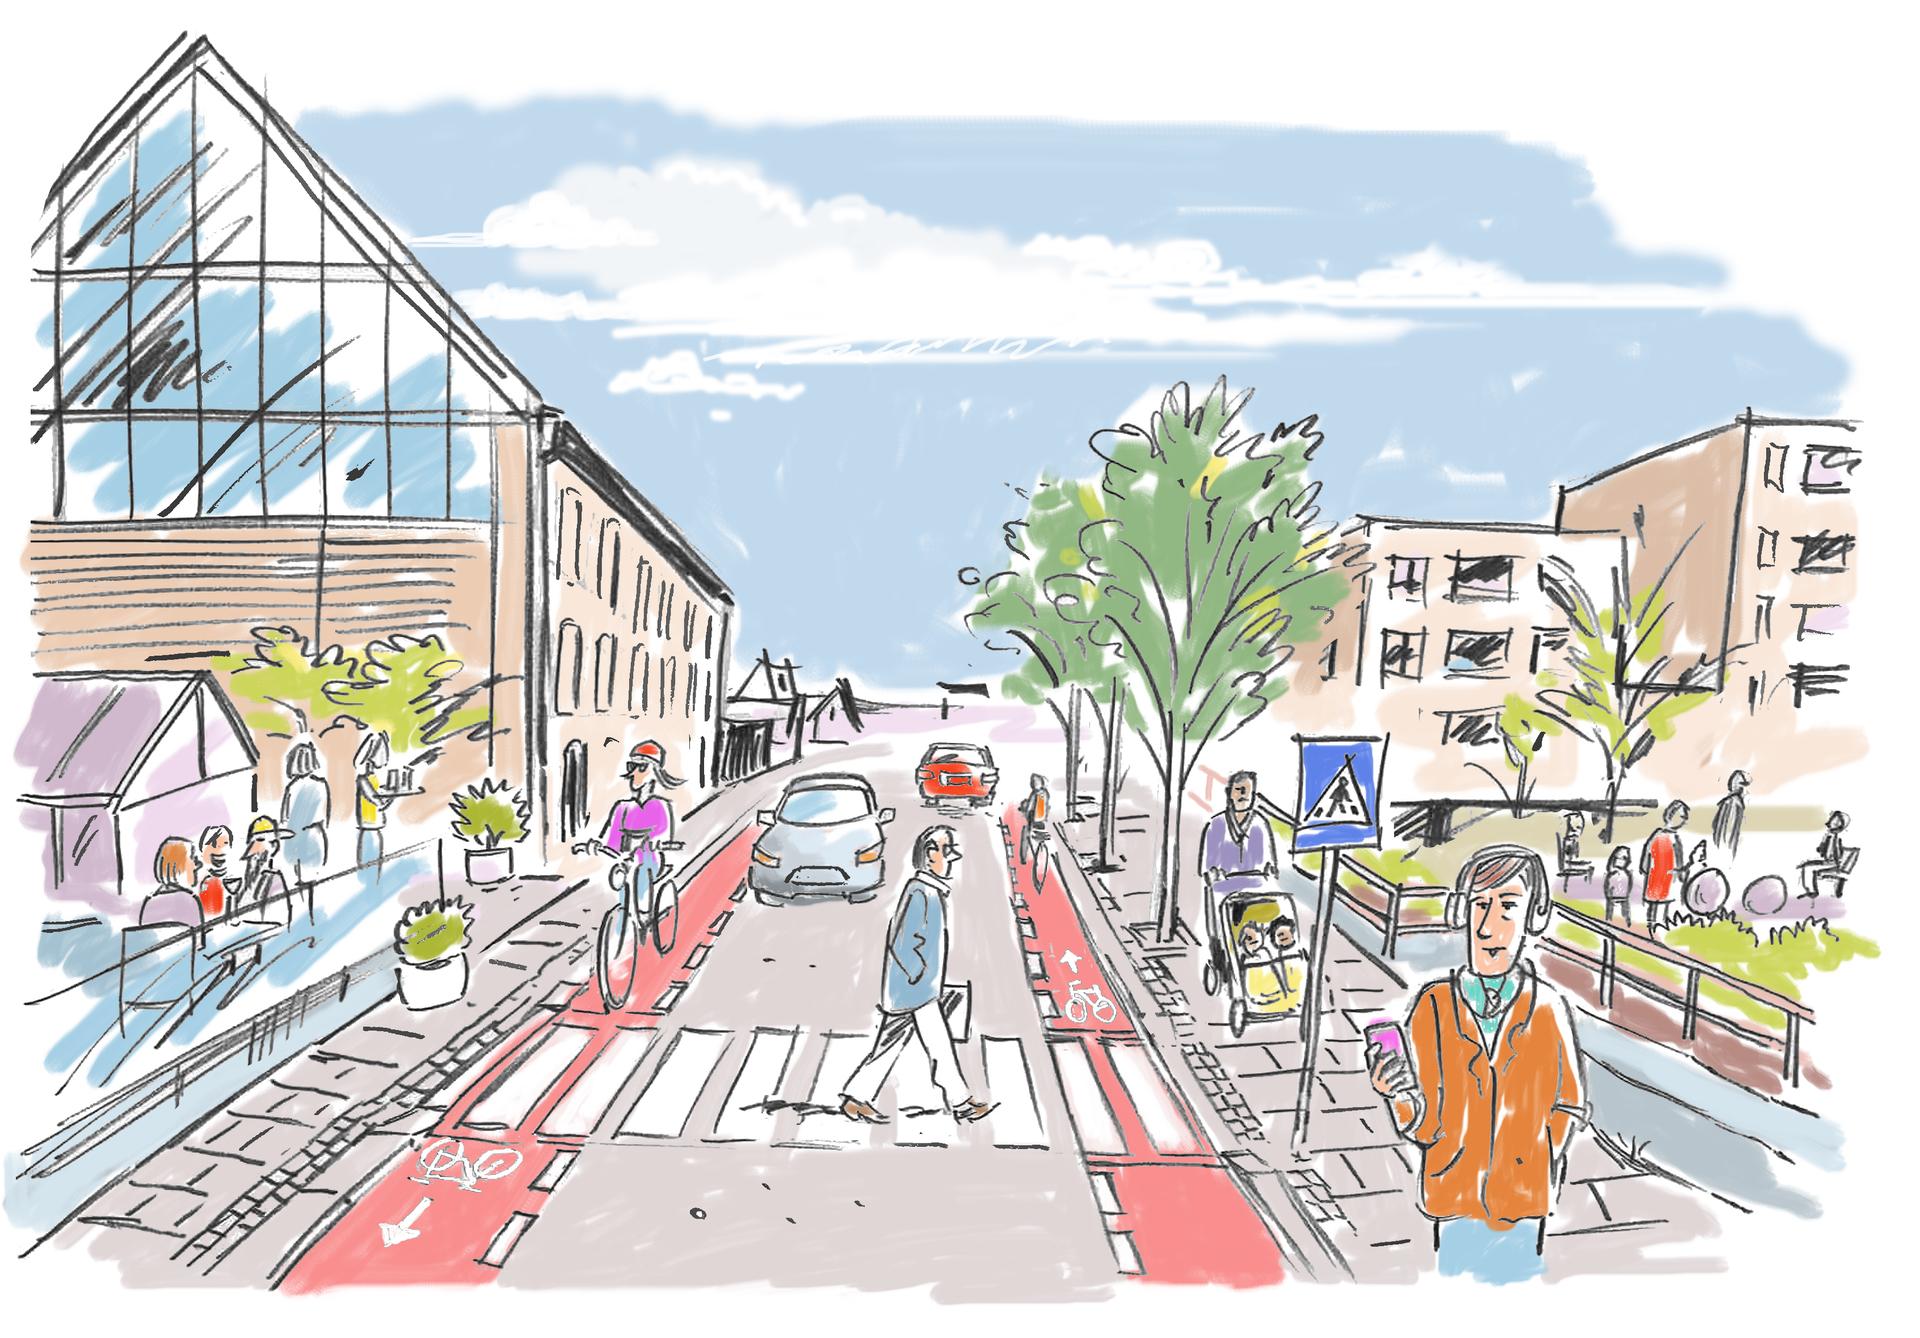 Slik blir Ryfylkegata på Storhaug i Stavanger. Illustrasjon: Egil Bjørøen, Stavanger kommune.